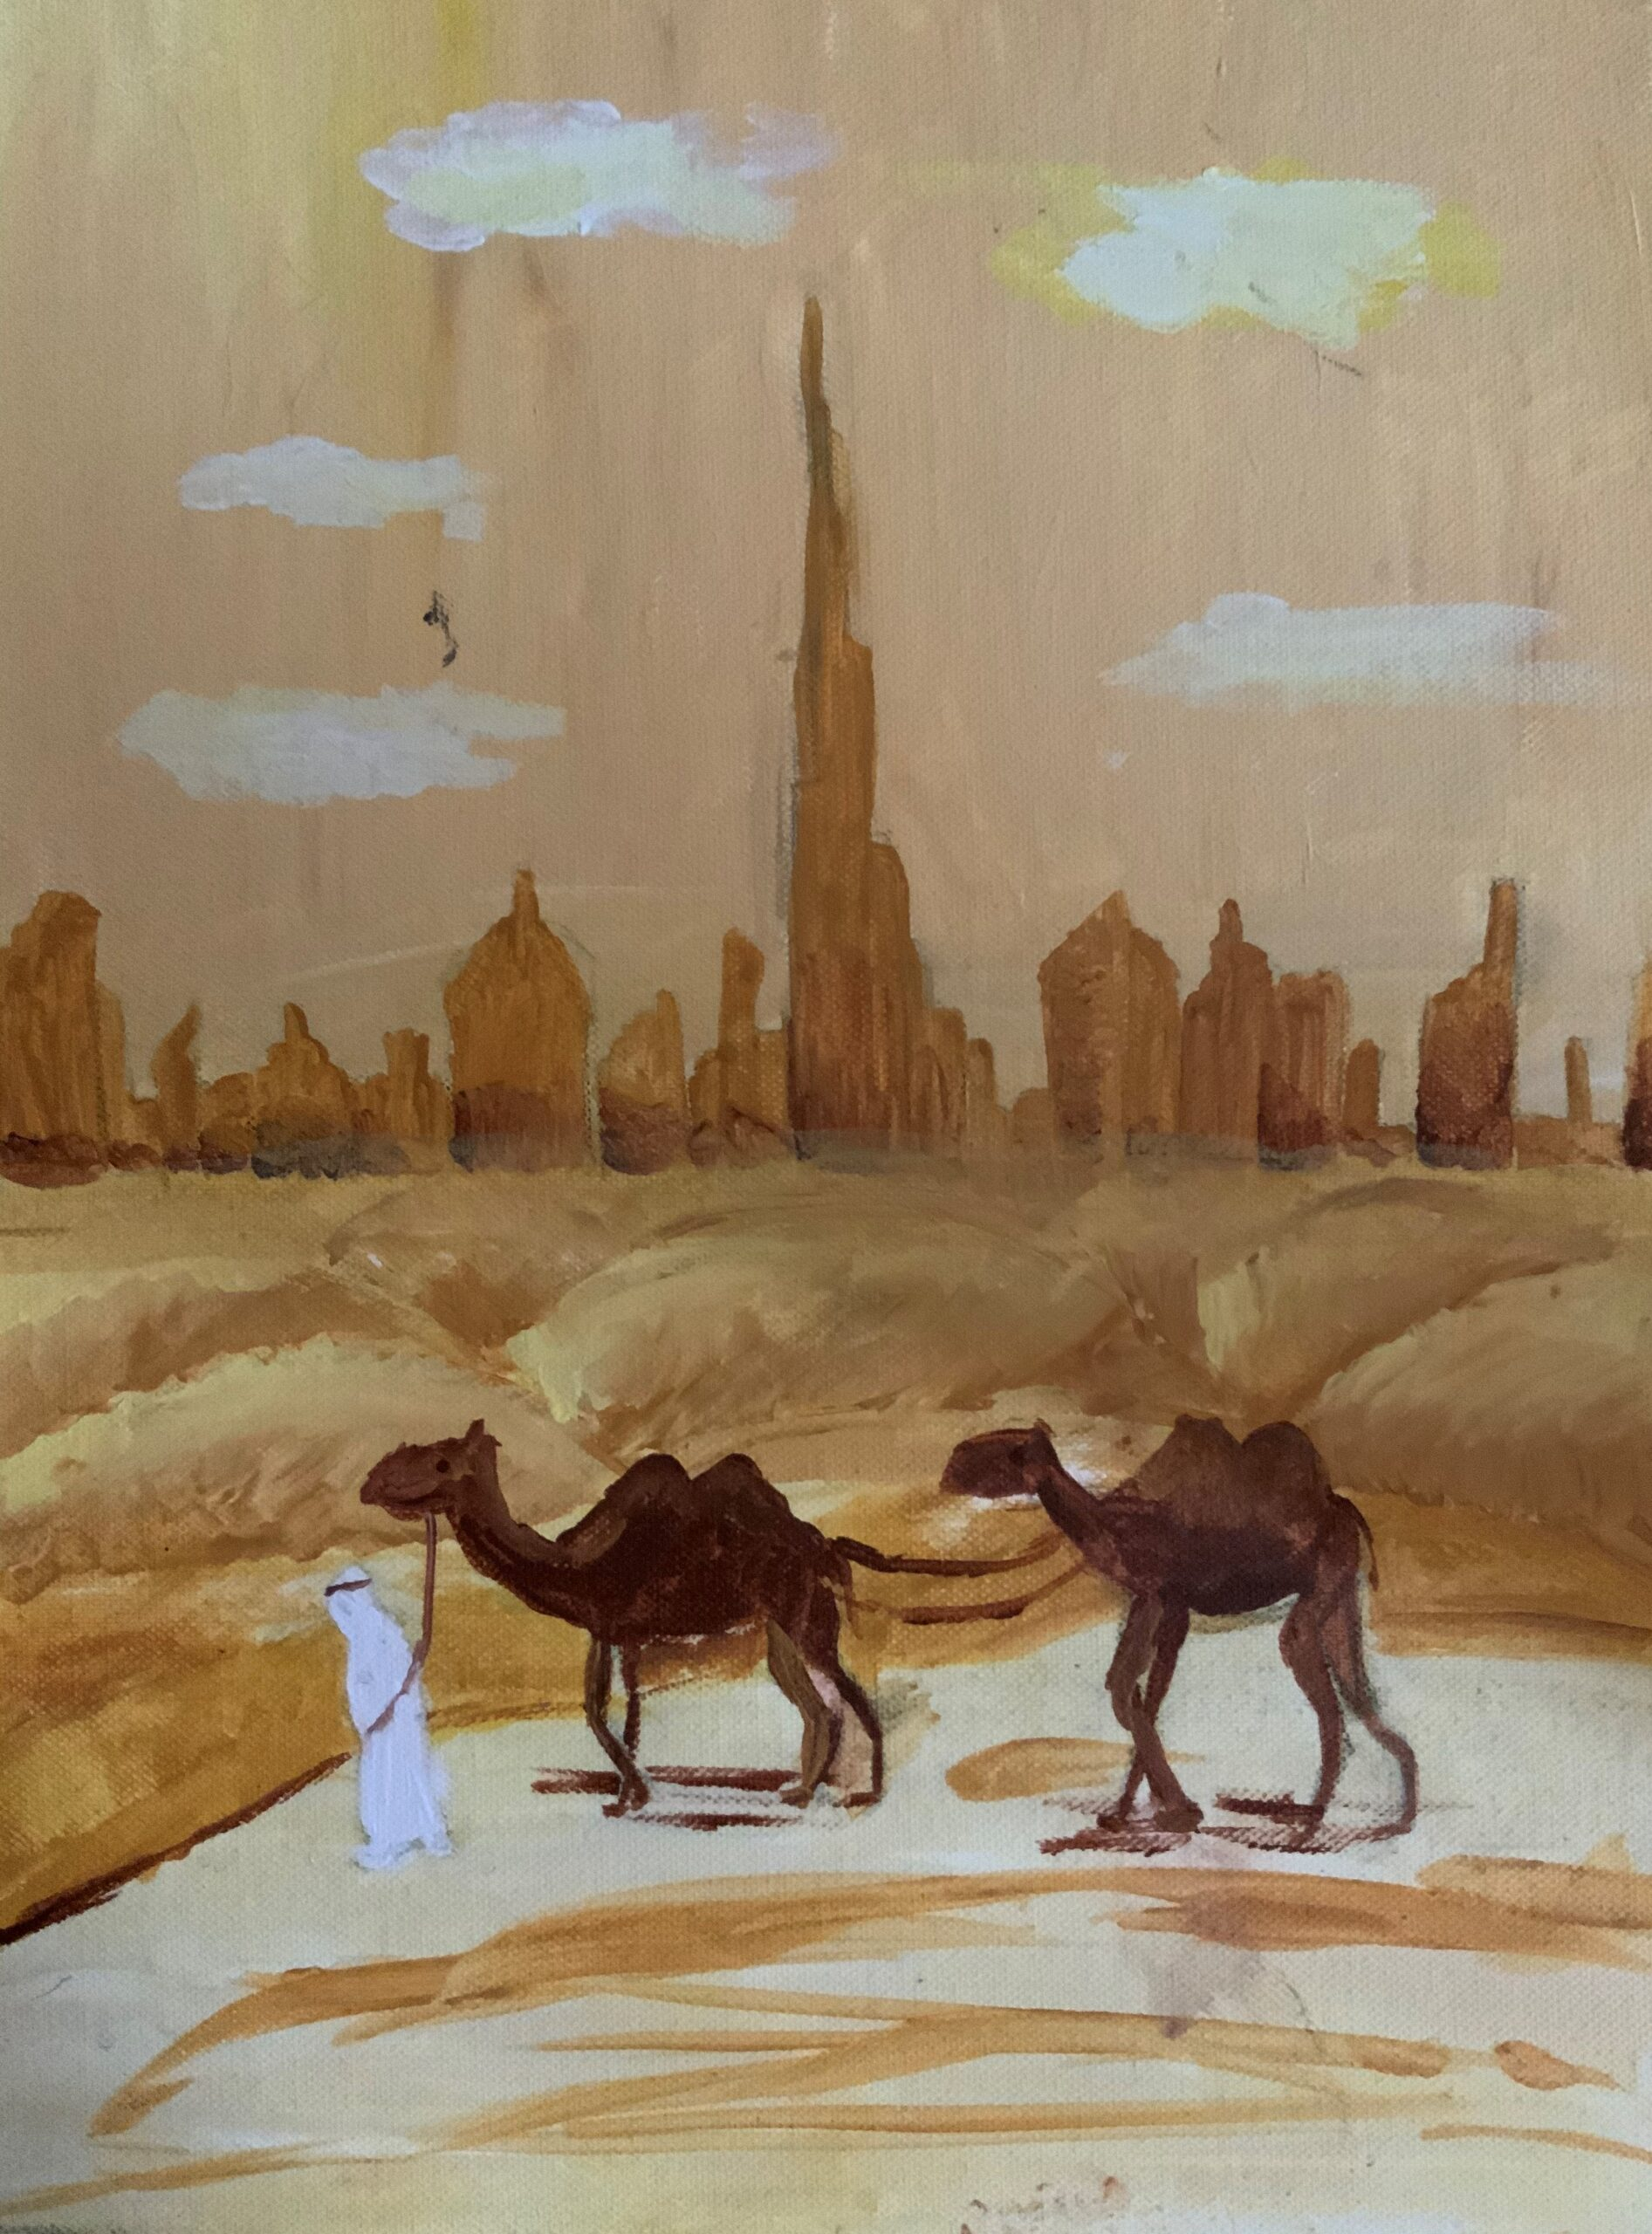 Desert landscape by Sophie Bekmurzaeva